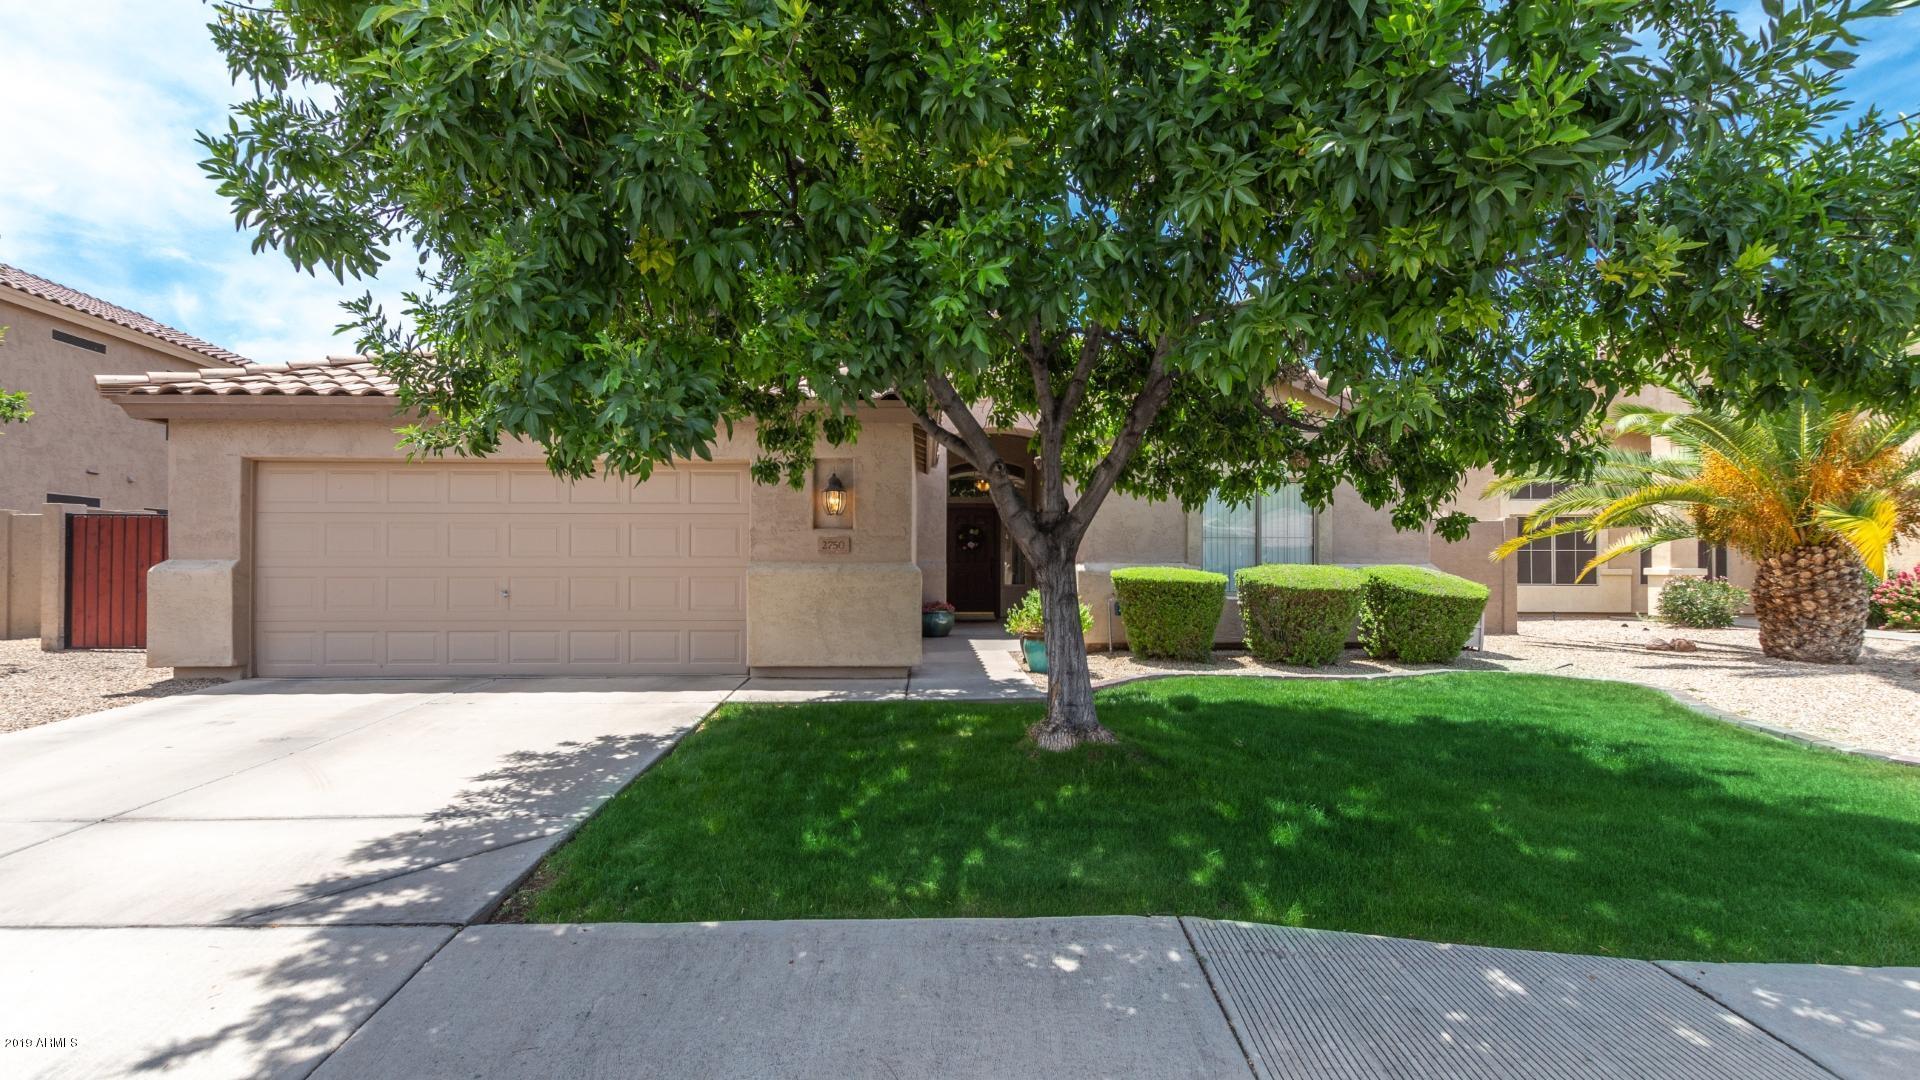 Photo of 2750 S Pleasant Place, Chandler, AZ 85286